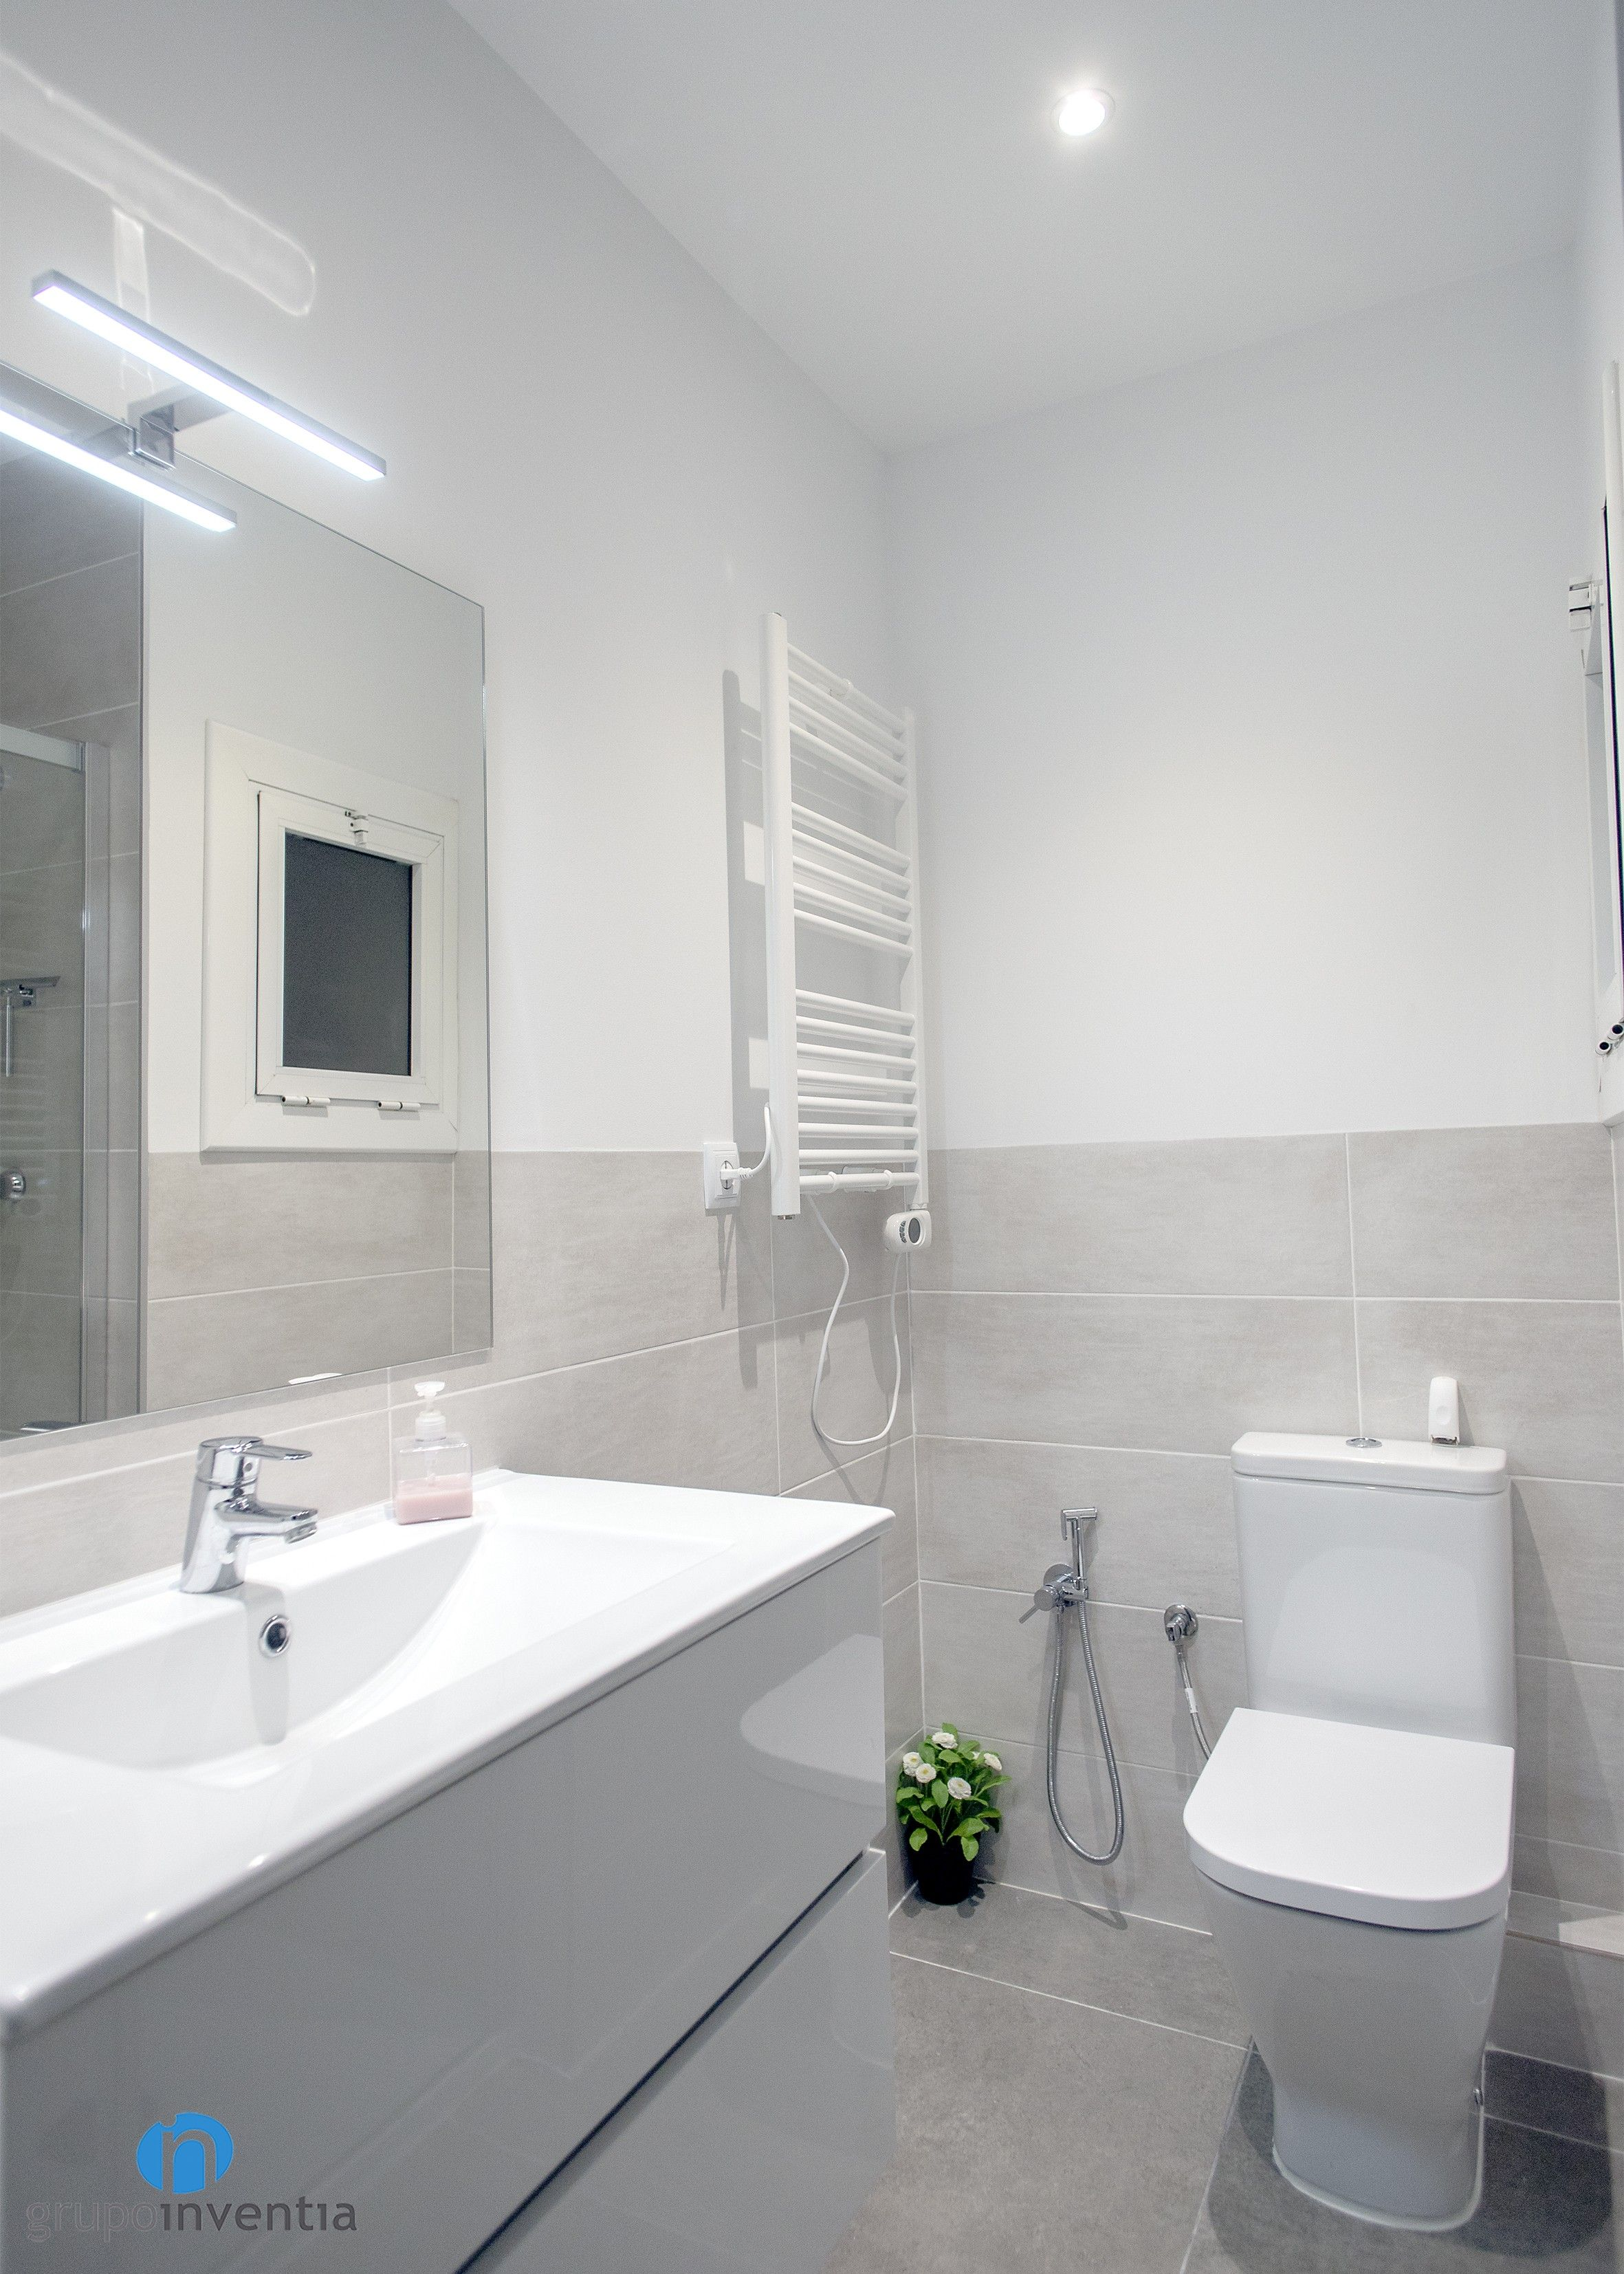 Nueva reforma de cuarto de baño completa, tanto en diseño ...